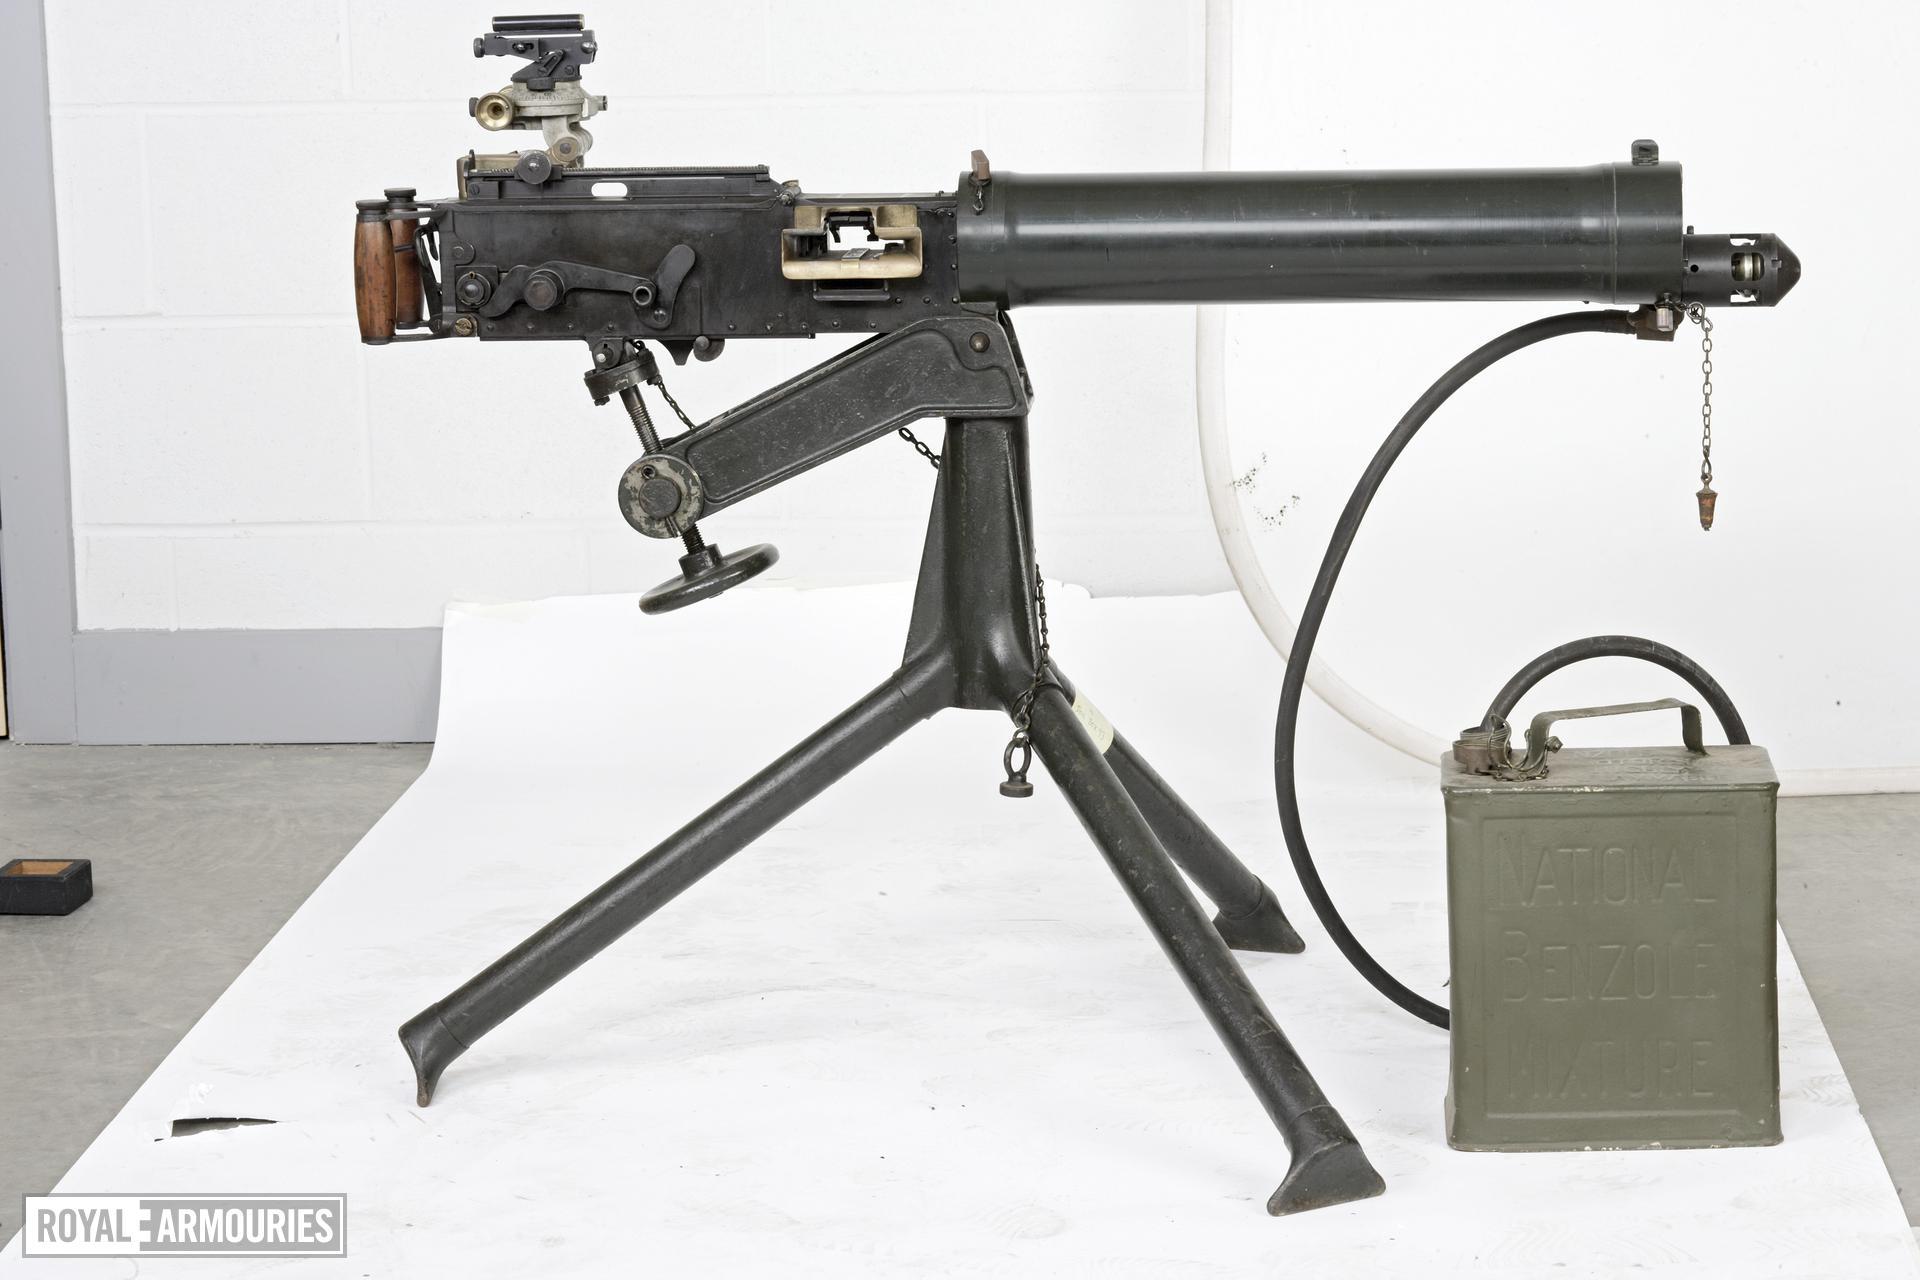 Centrefire automatic machine gun - Vickers Mk.I